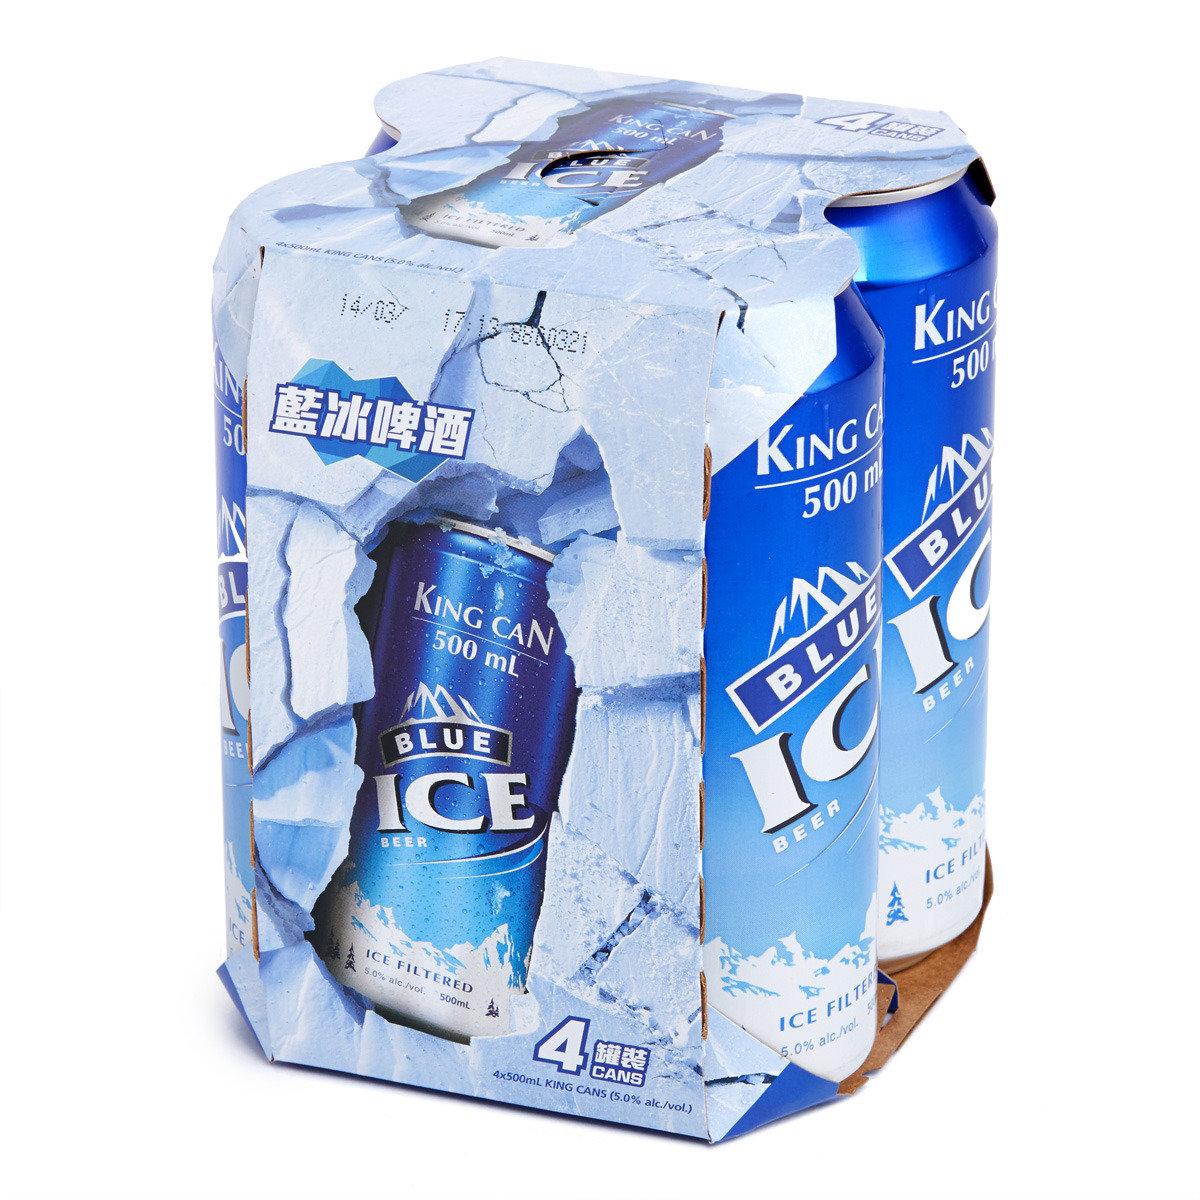 巨罐罐裝啤酒